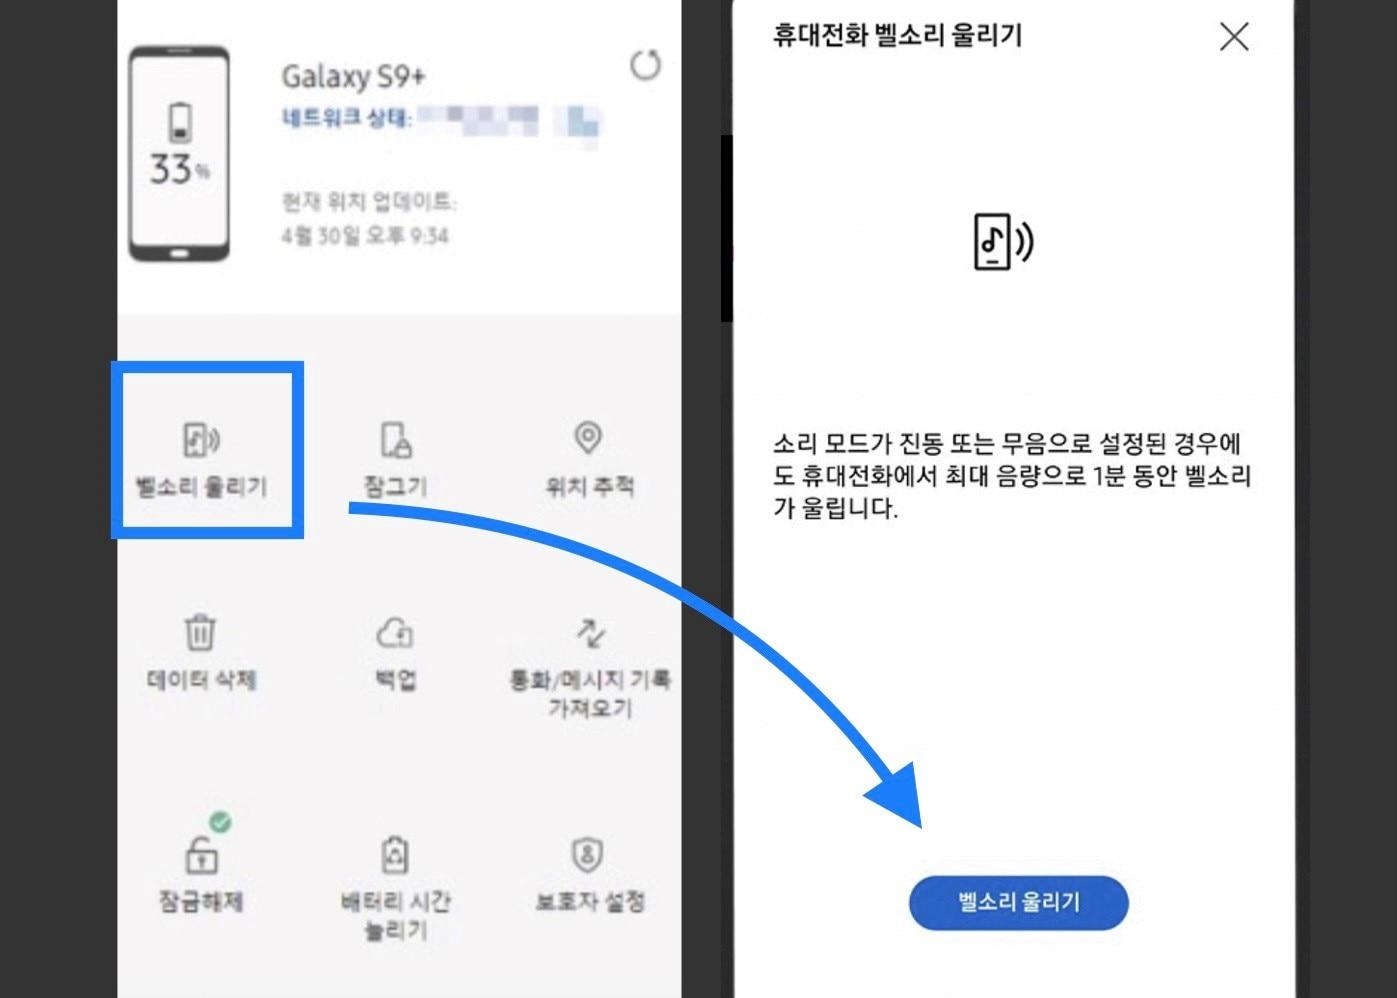 3.삼성 디바이스 찾기 기능 벨소리 울리기로 삼성 핸드폰 찾기